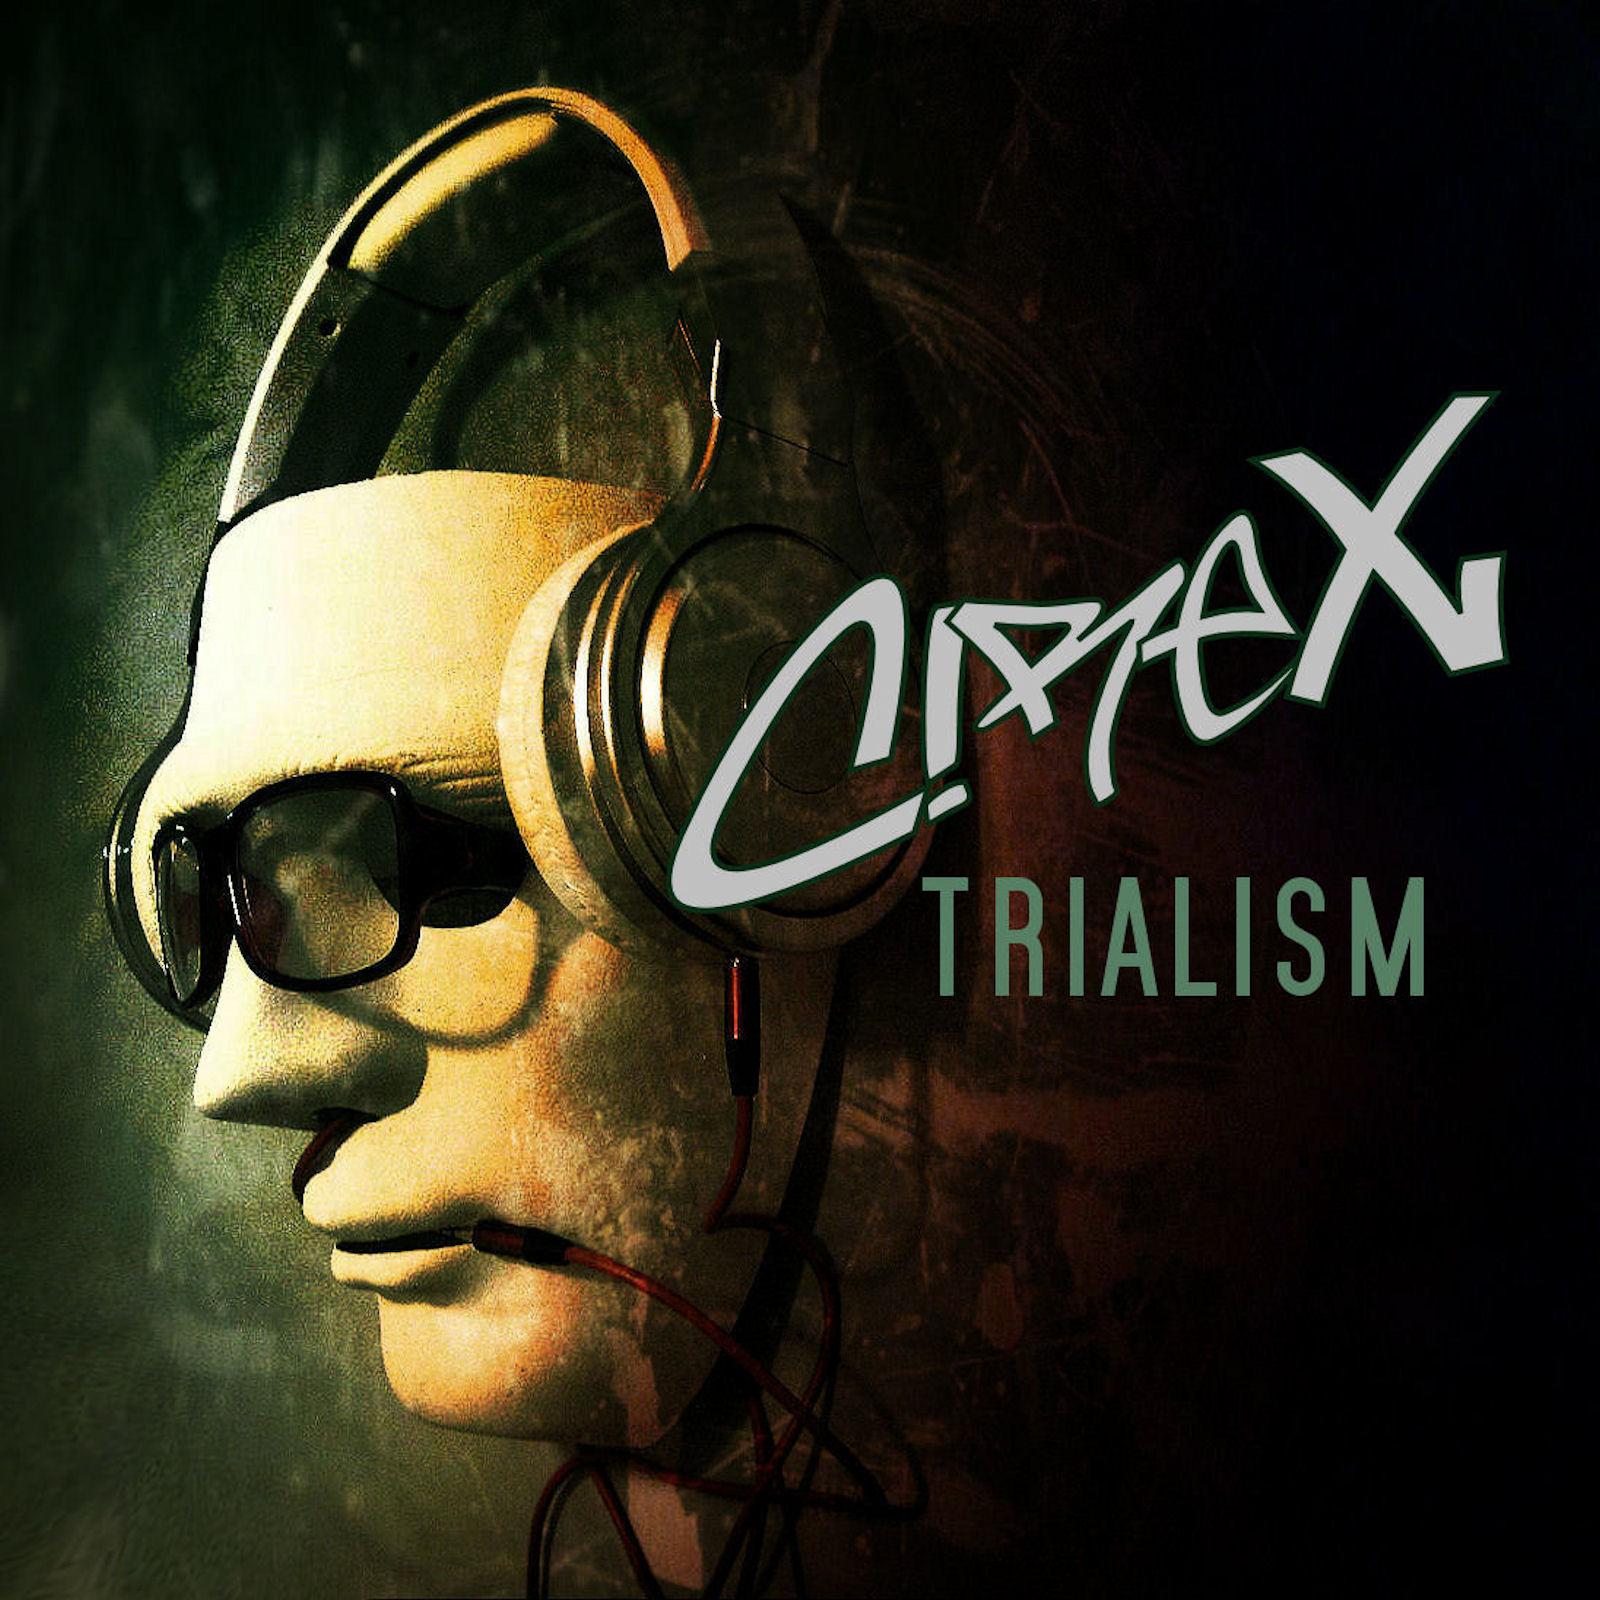 Cirex – Trialism